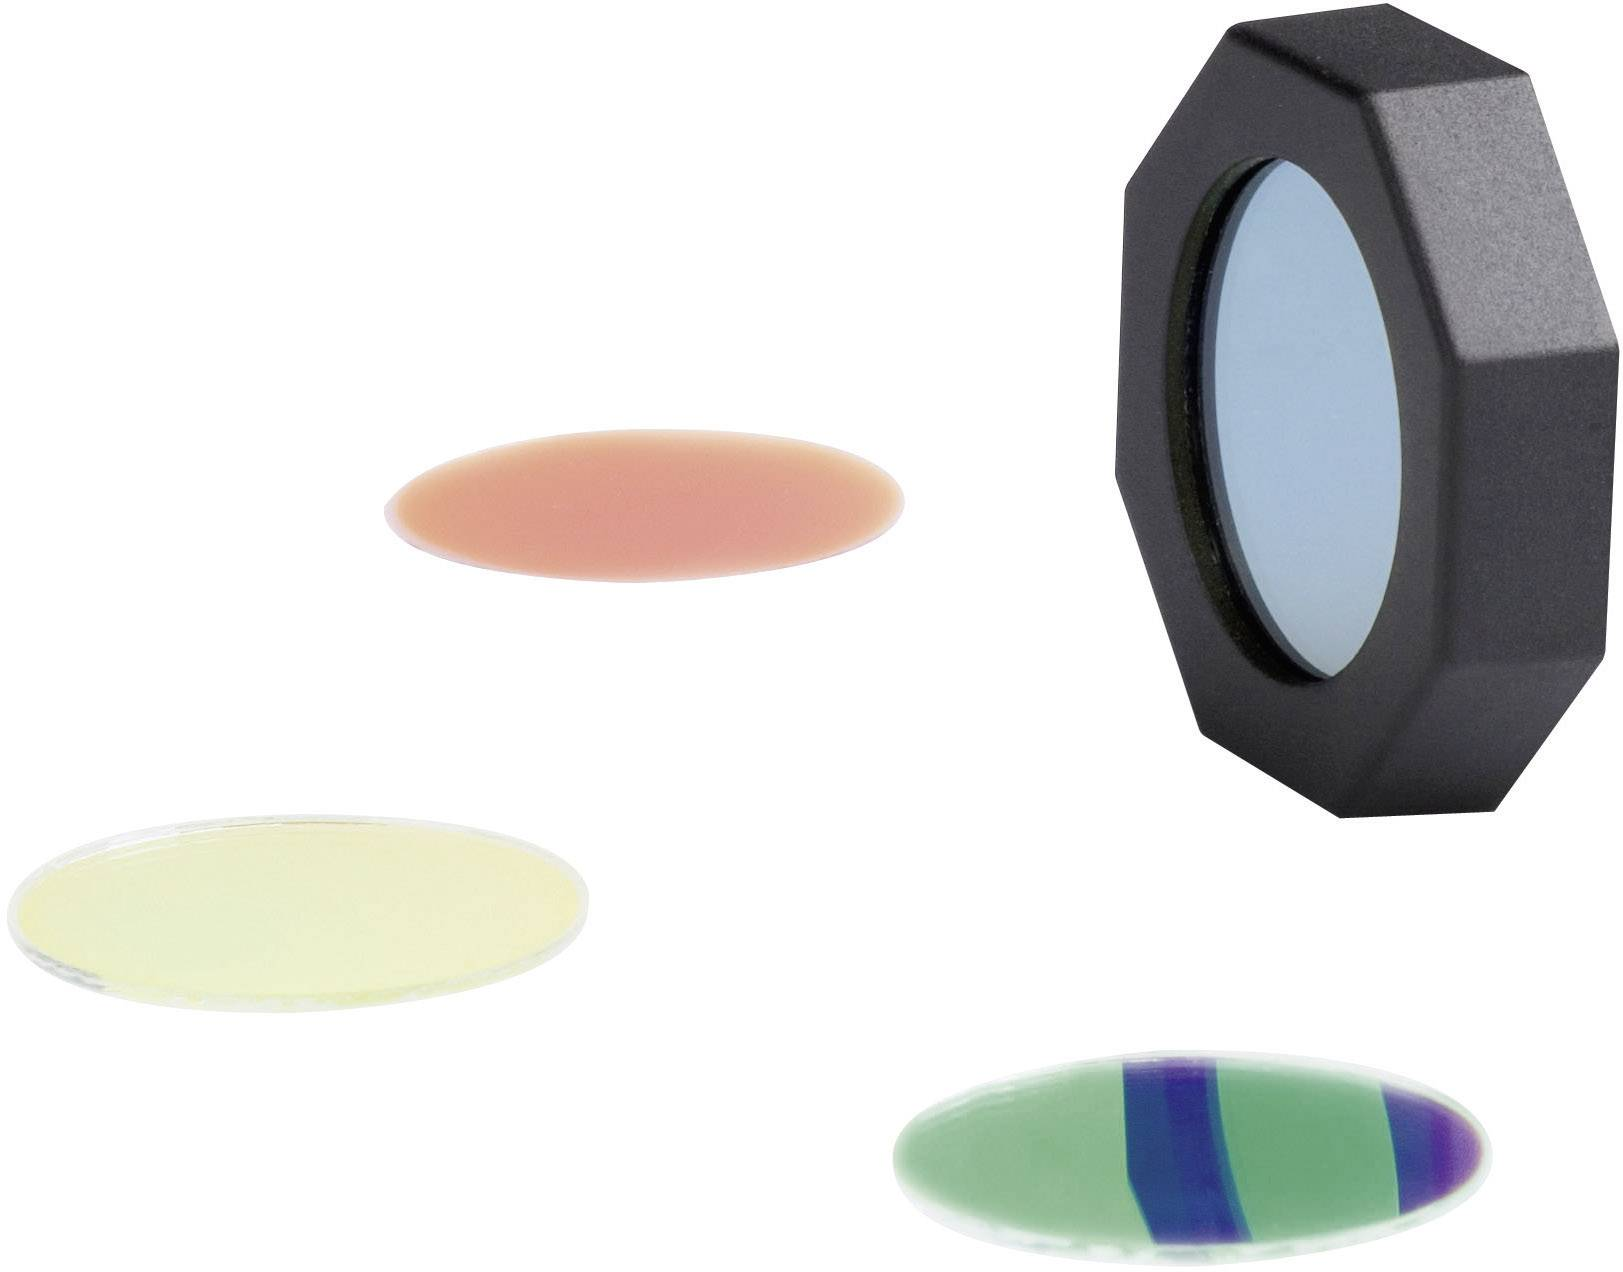 Barevné filtry pro svítilny LED Lenser, 0313-F, sada 4 ks